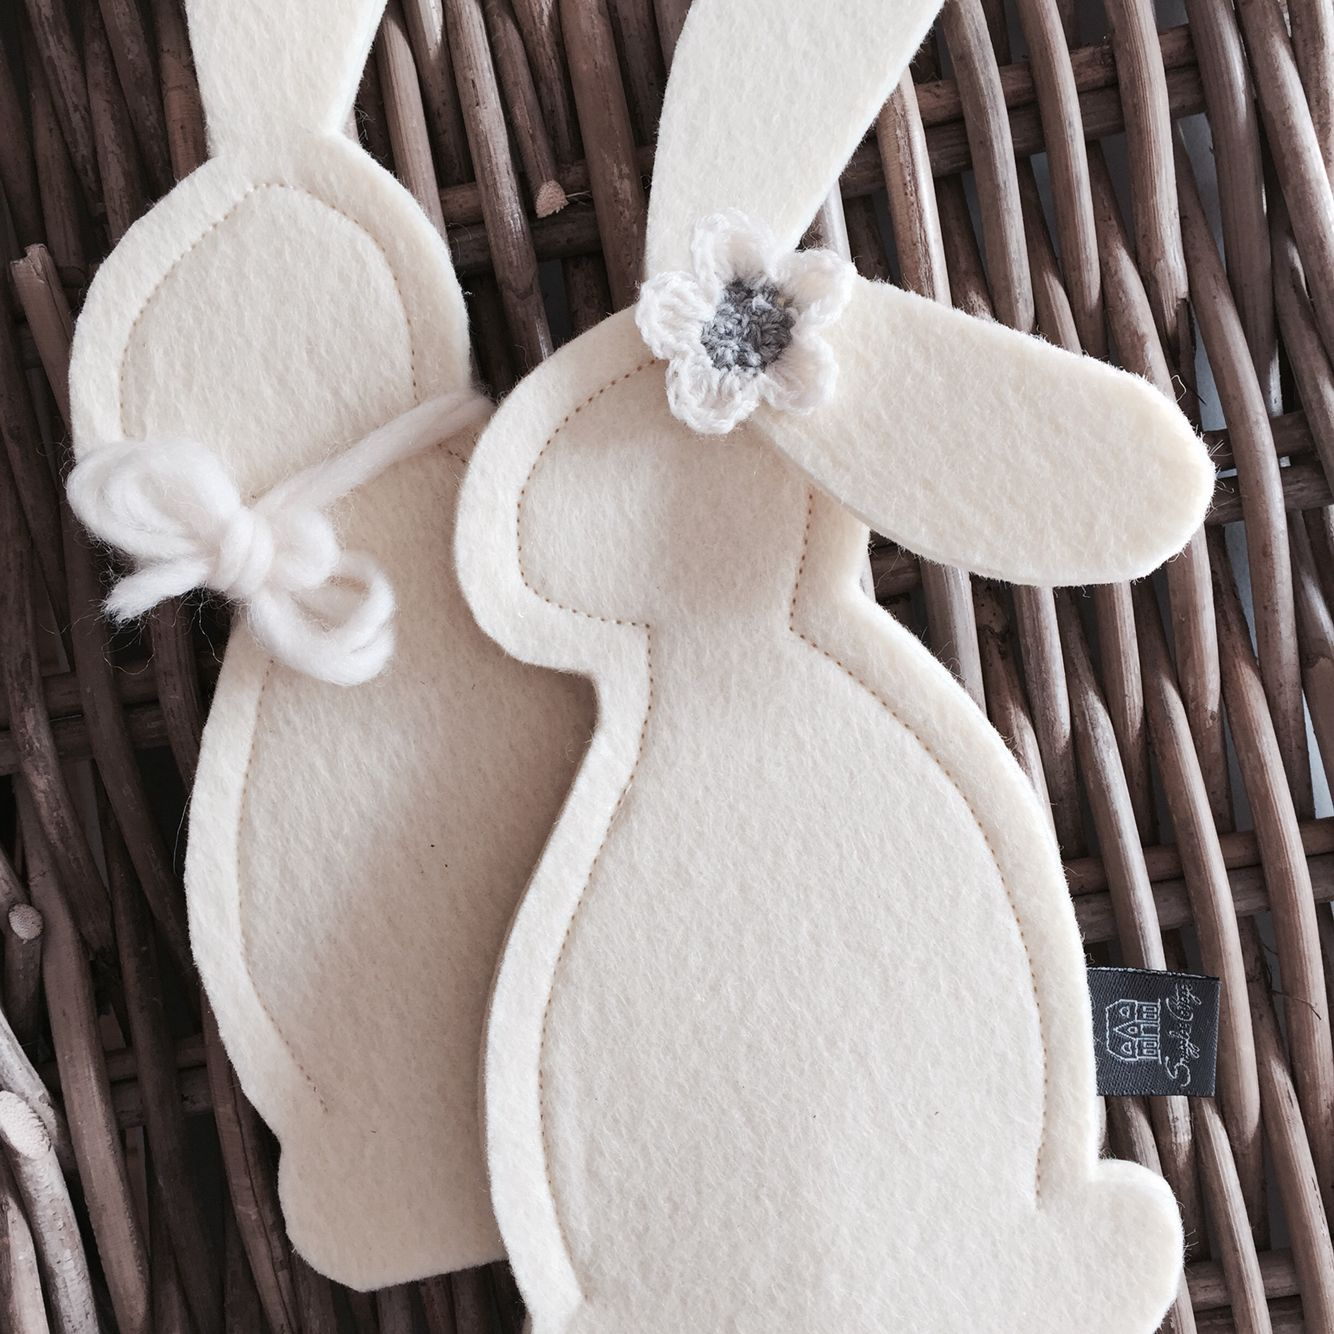 Die ersten Häschen Pärchen kommen angehoppelt - Mr. and Mrs. white rabbit - happy easter !